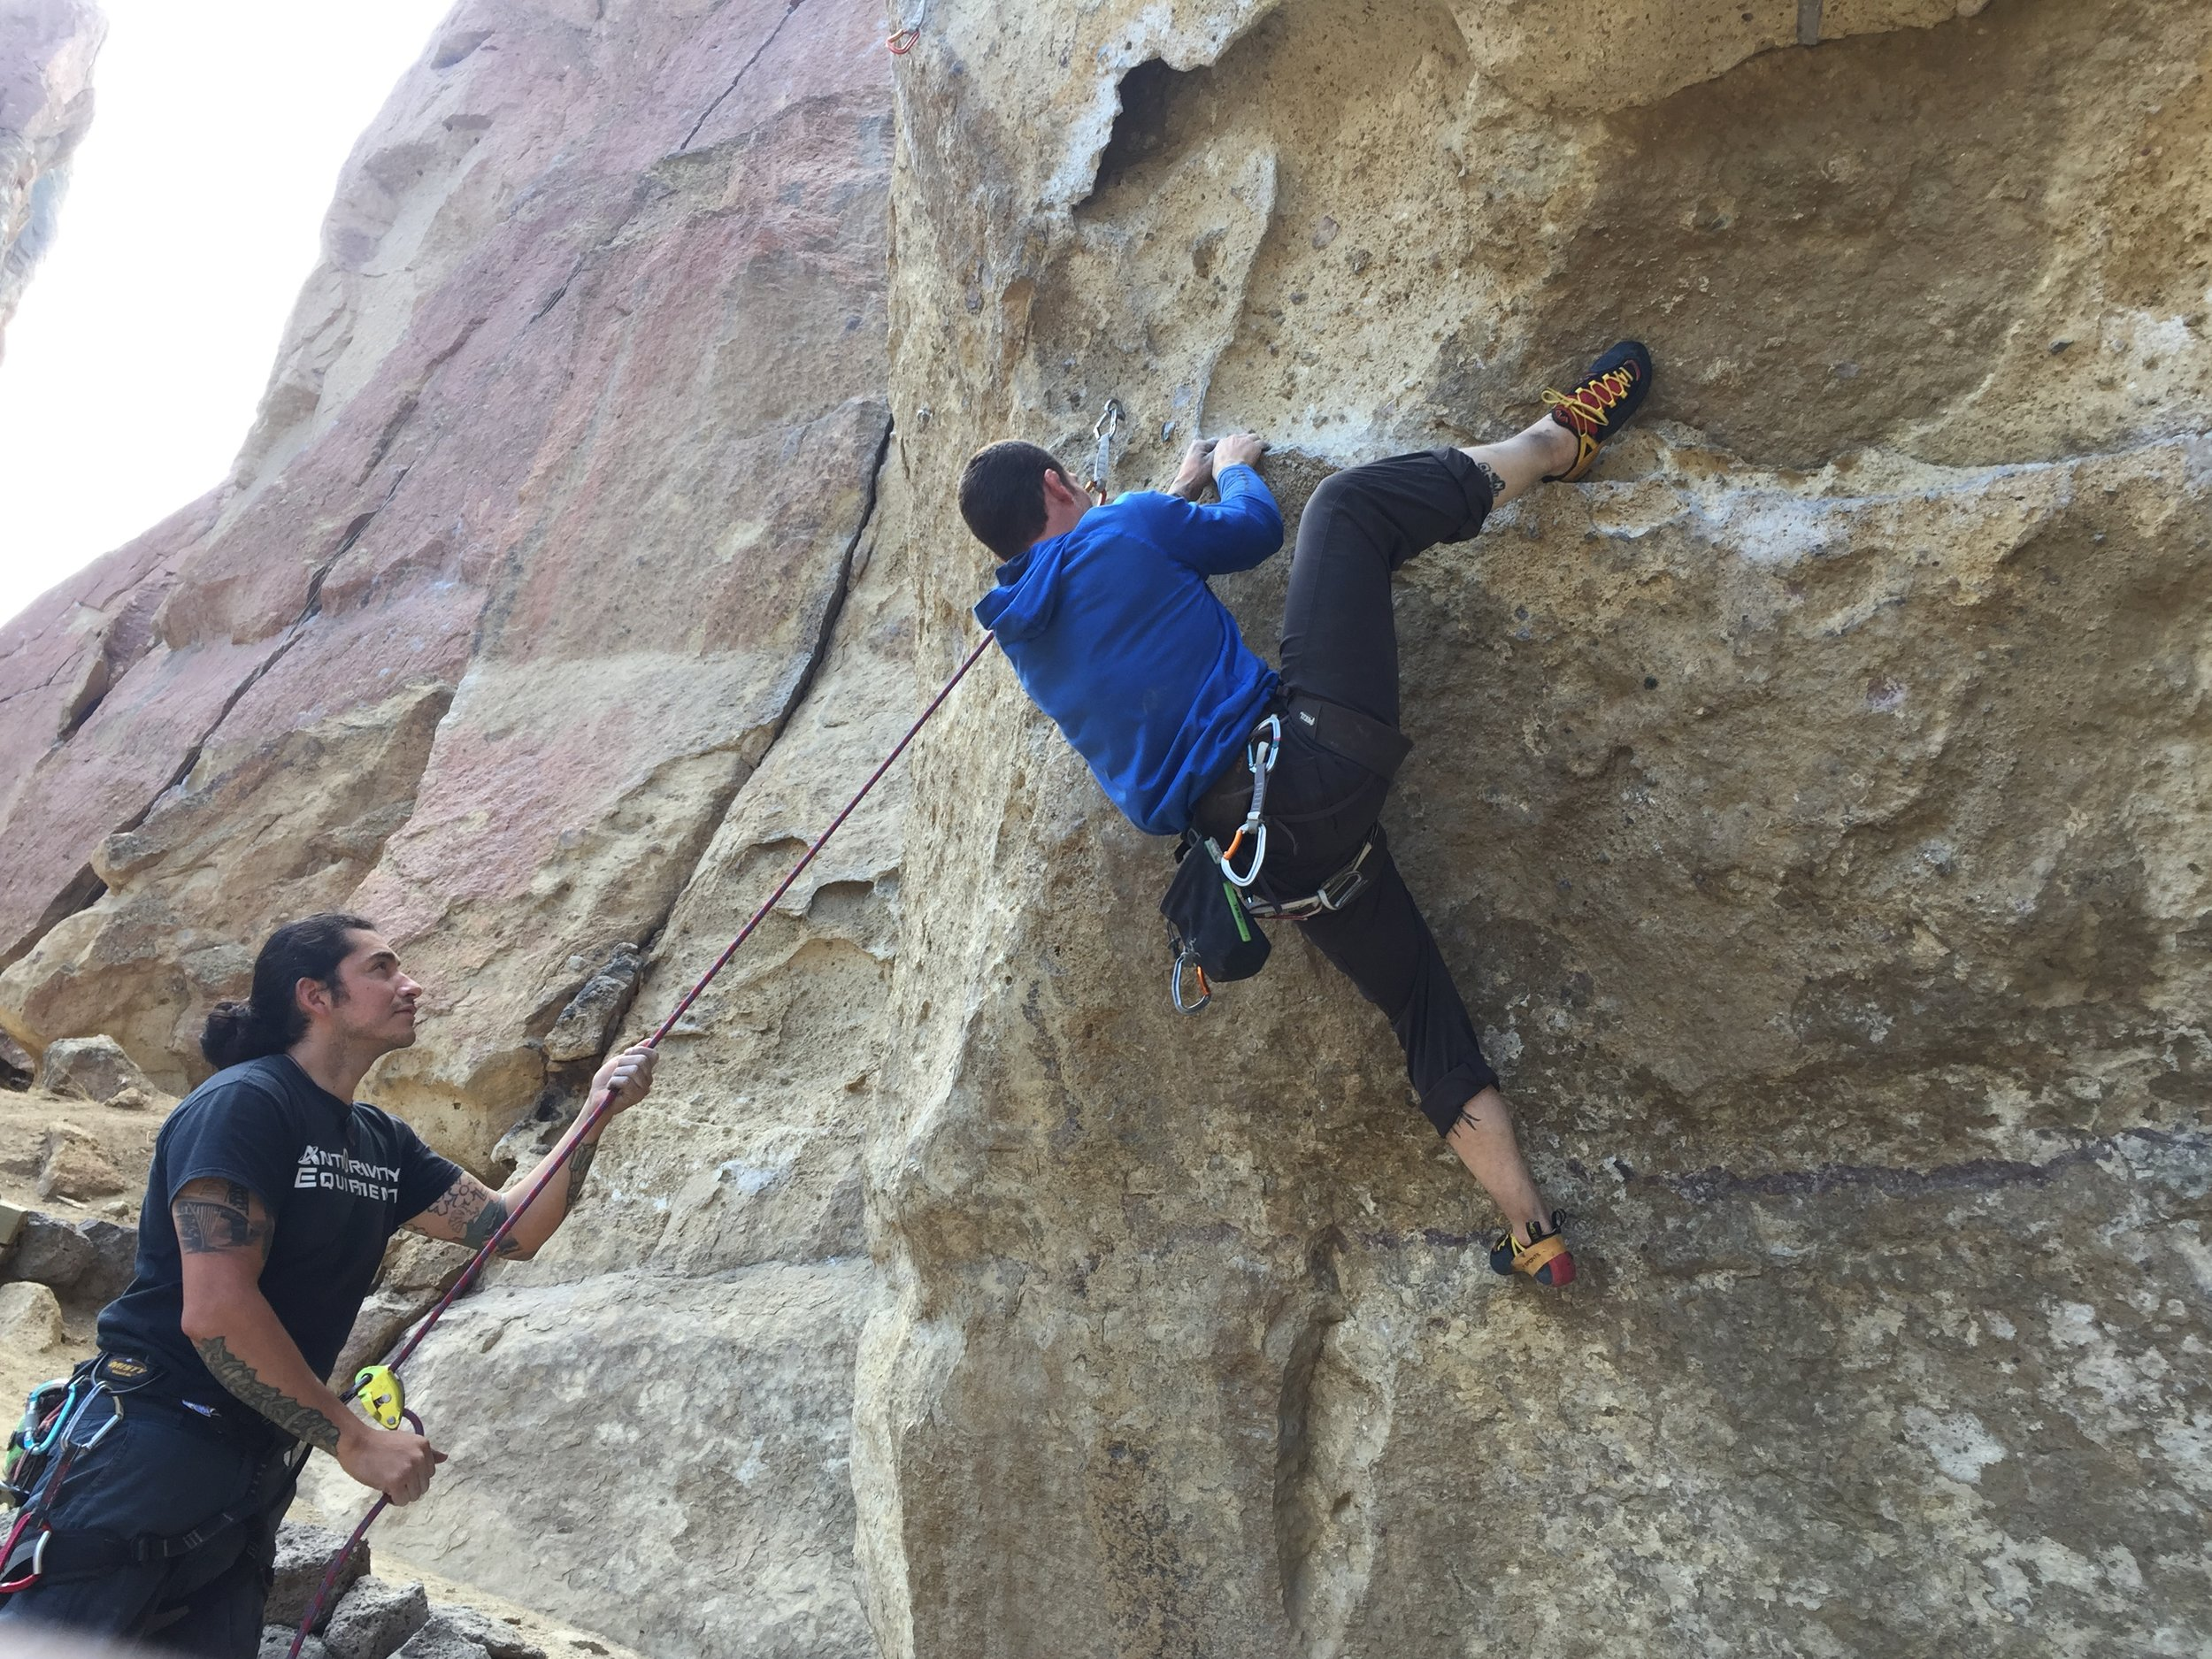 Juan and Cameron climbing at Smith Rock.